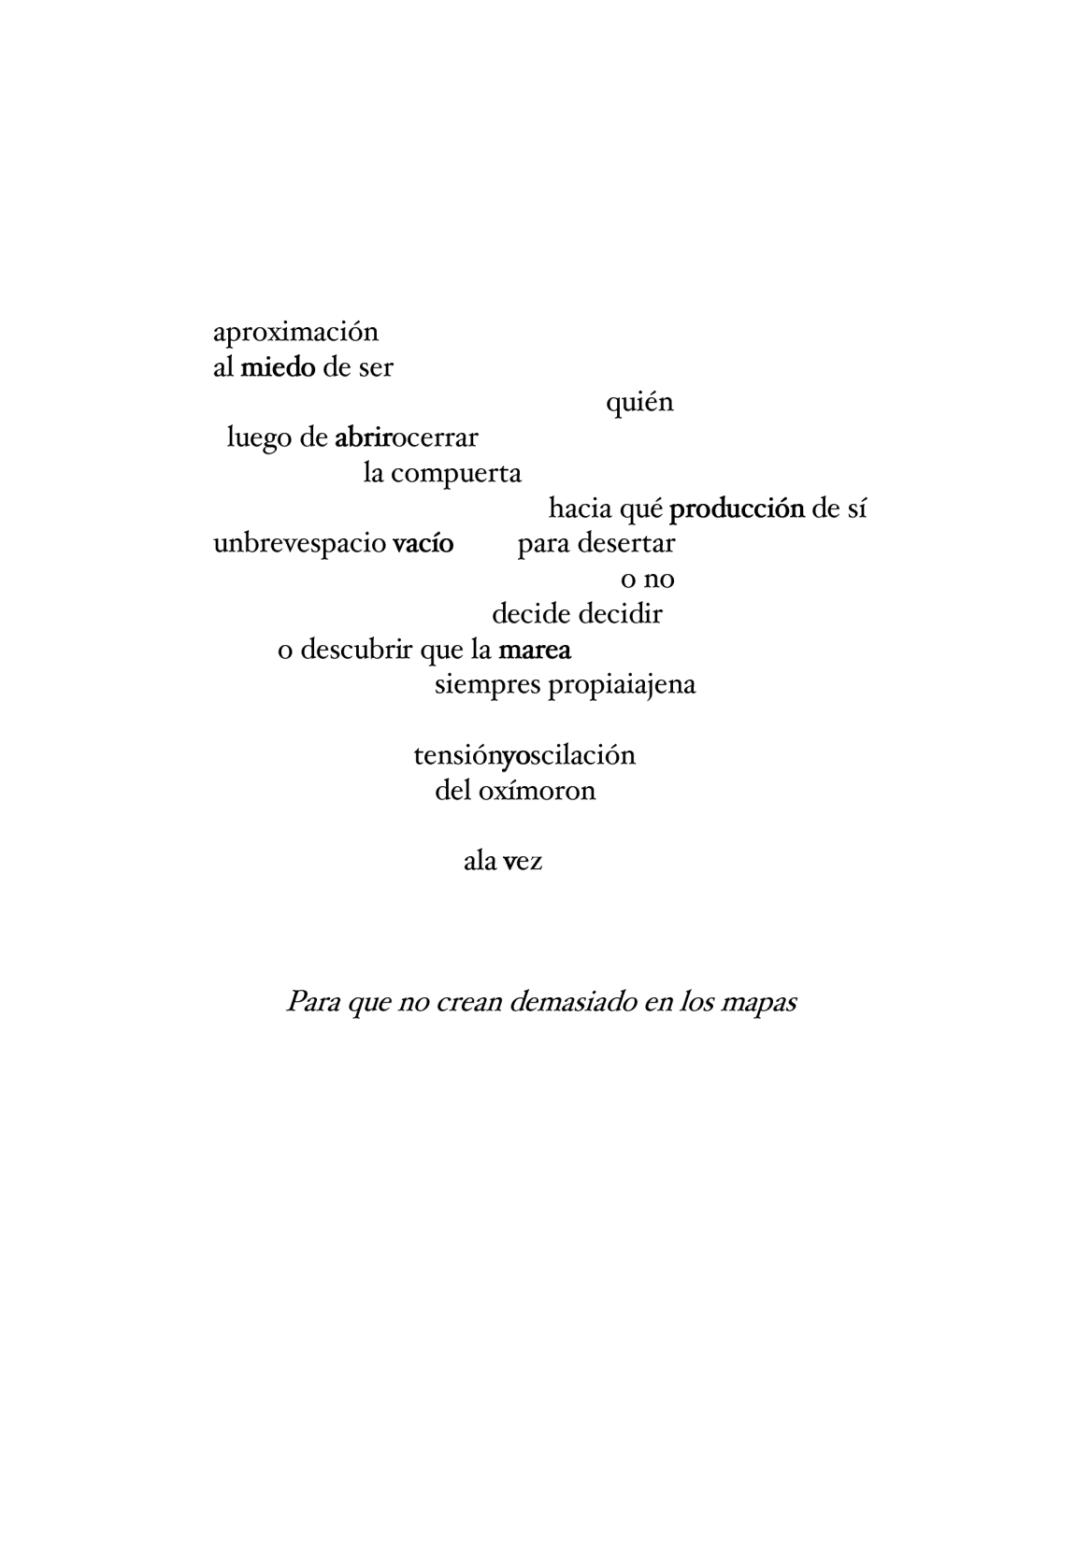 CERVERO--madrecitas---06.png